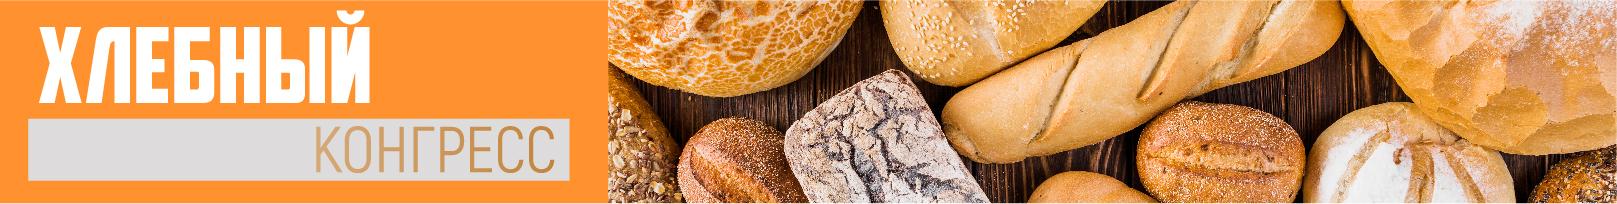 Хлебный конгресс ротация